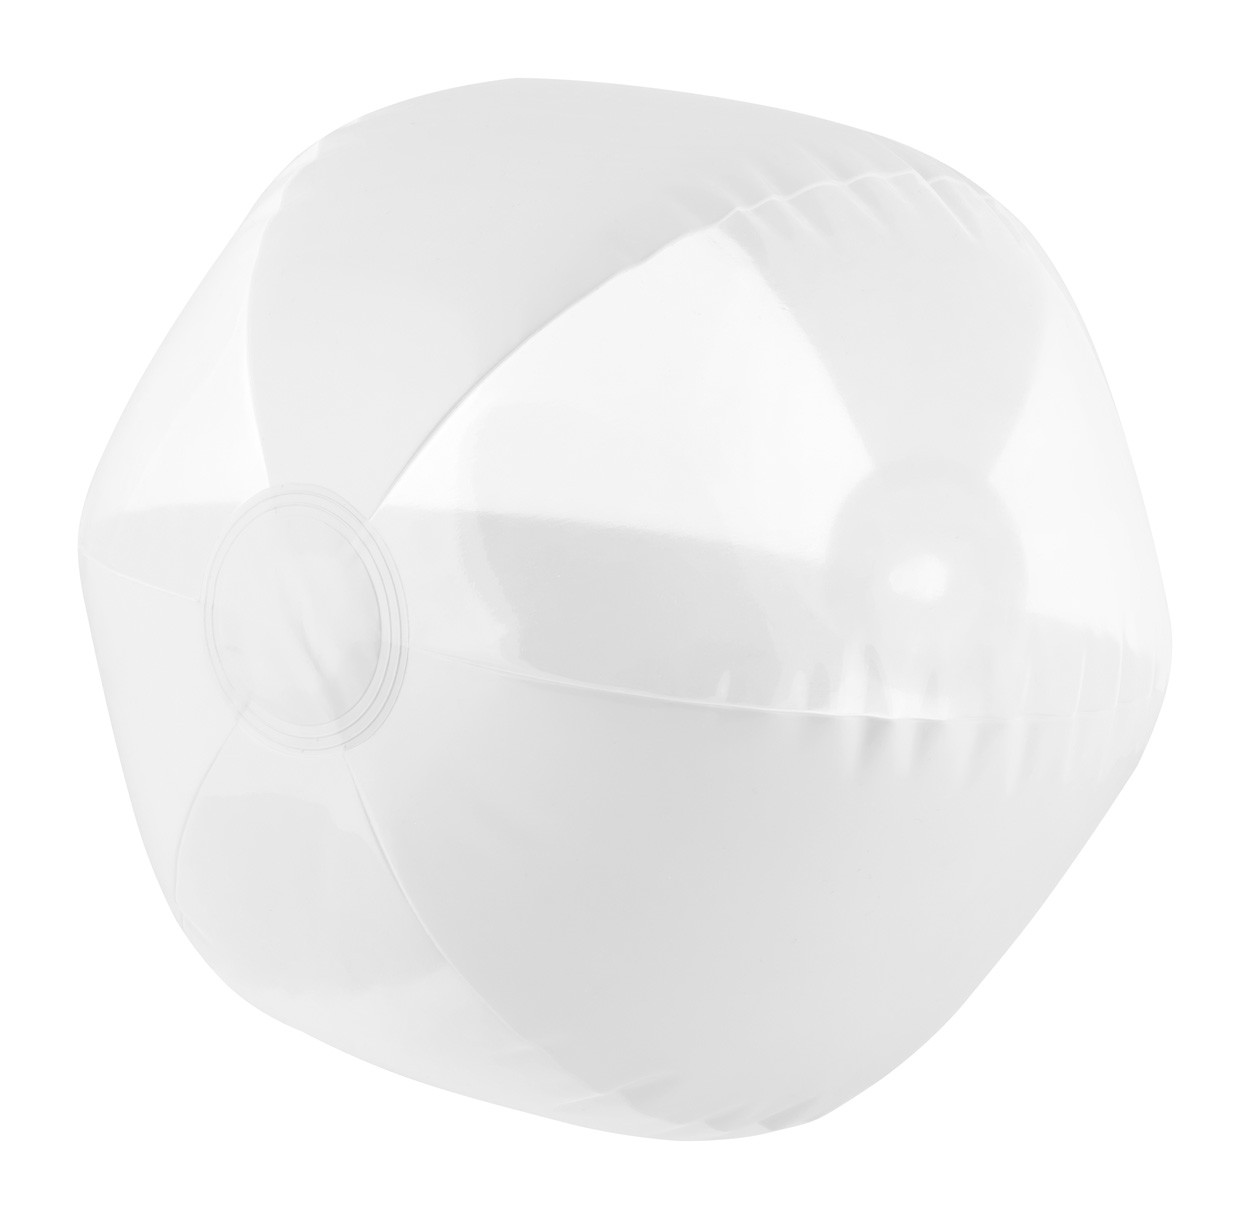 Plážový Míč (Ø26 Cm) Navagio - Bílá